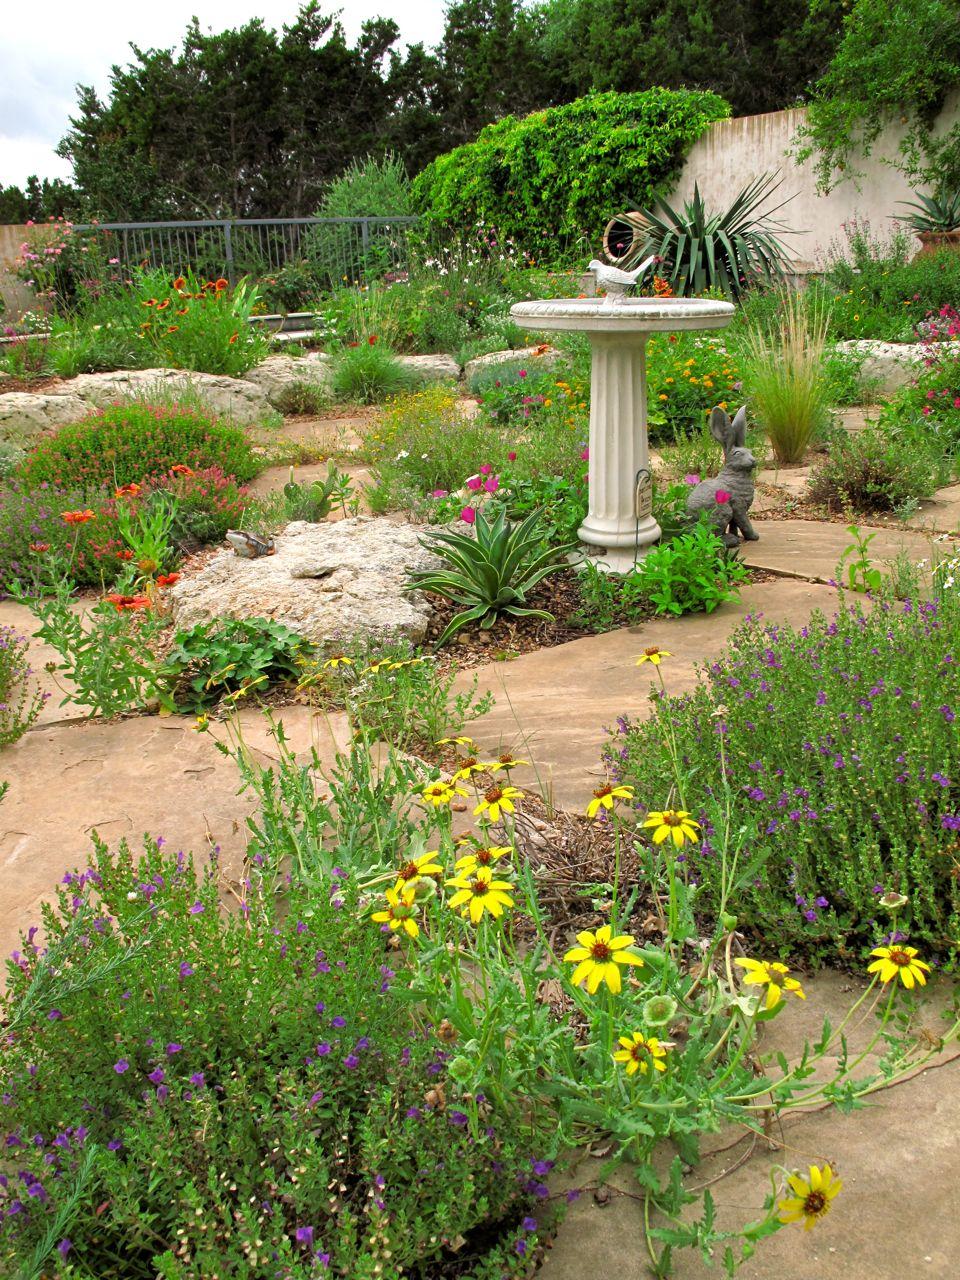 Rock rose small plants for the sunken garden for Plants for small gardens